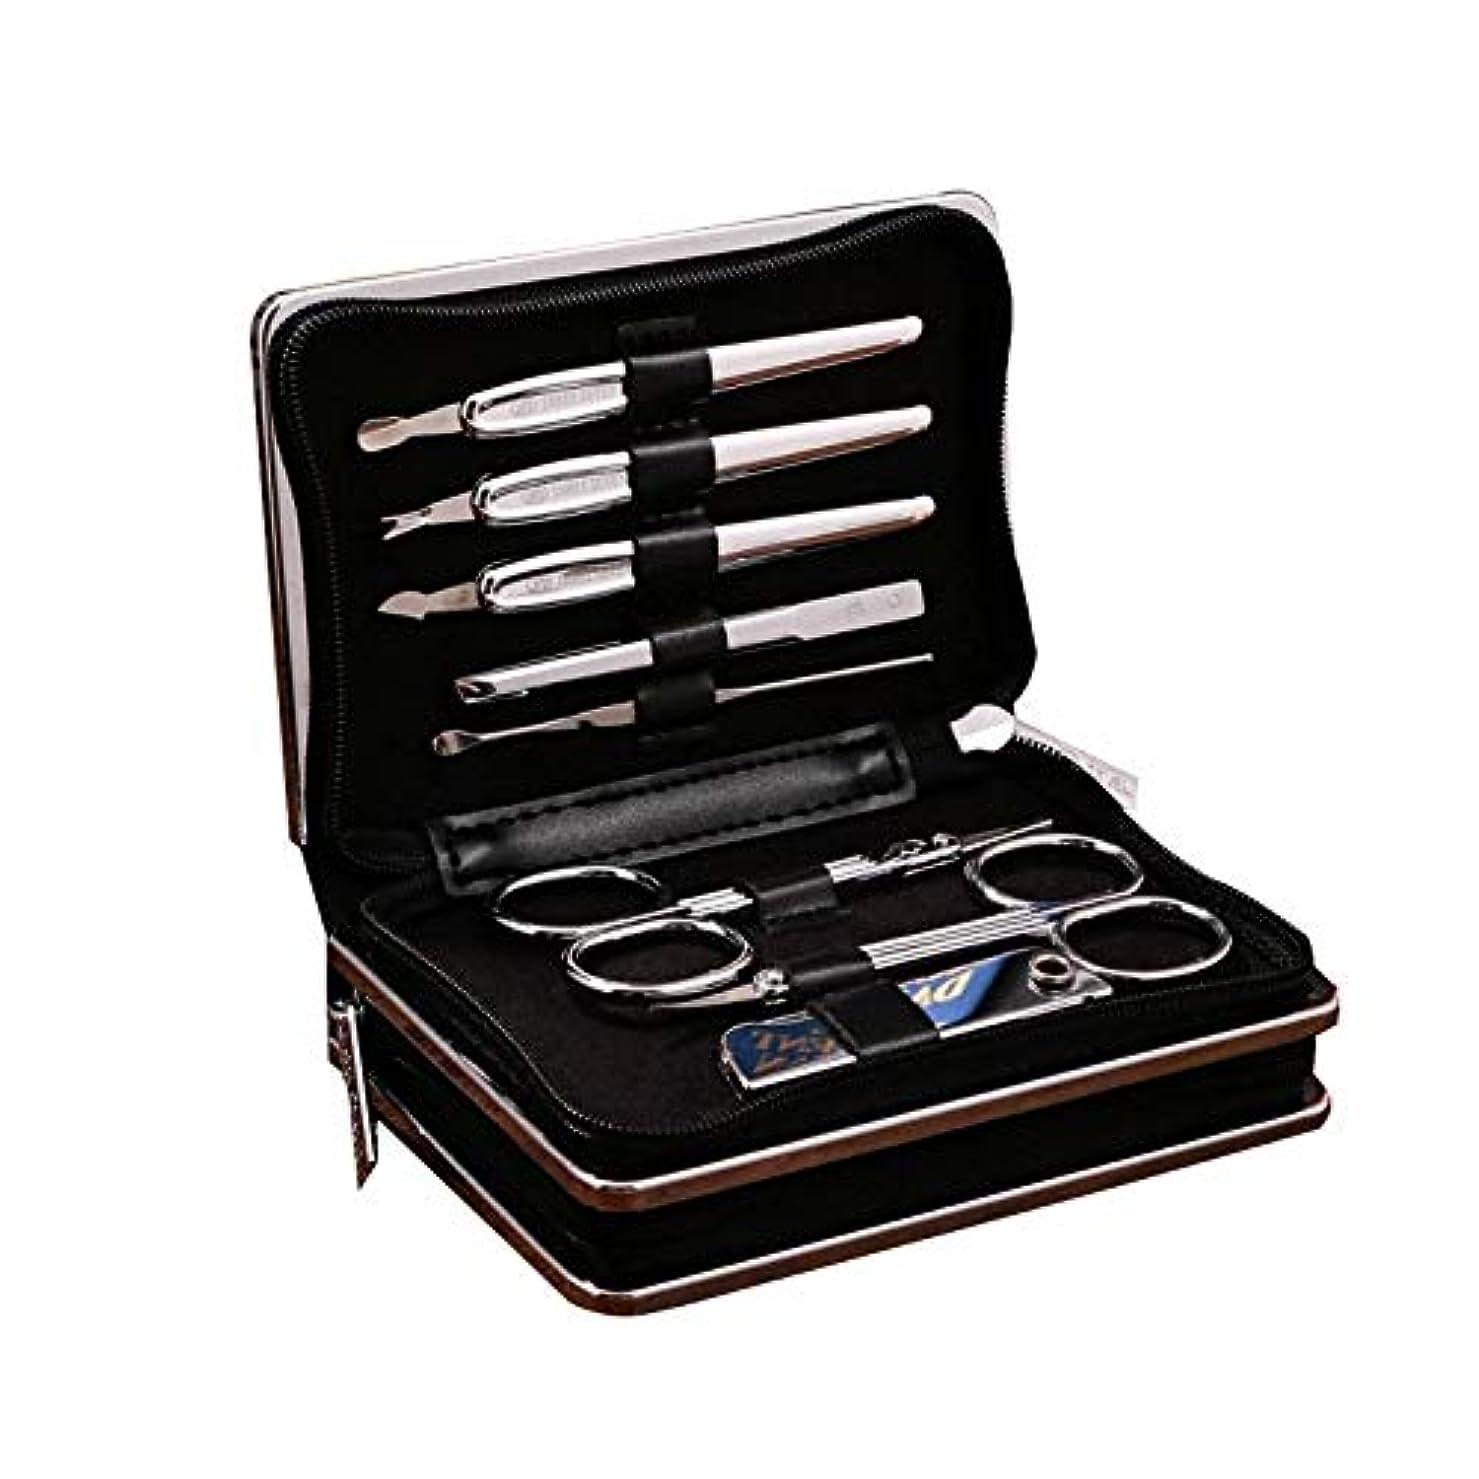 リフレッシュマングル処分したTUOFL マニキュアツールセットの14セット、毎日のニーズを満たすために完全に機能 (Color : Silver)